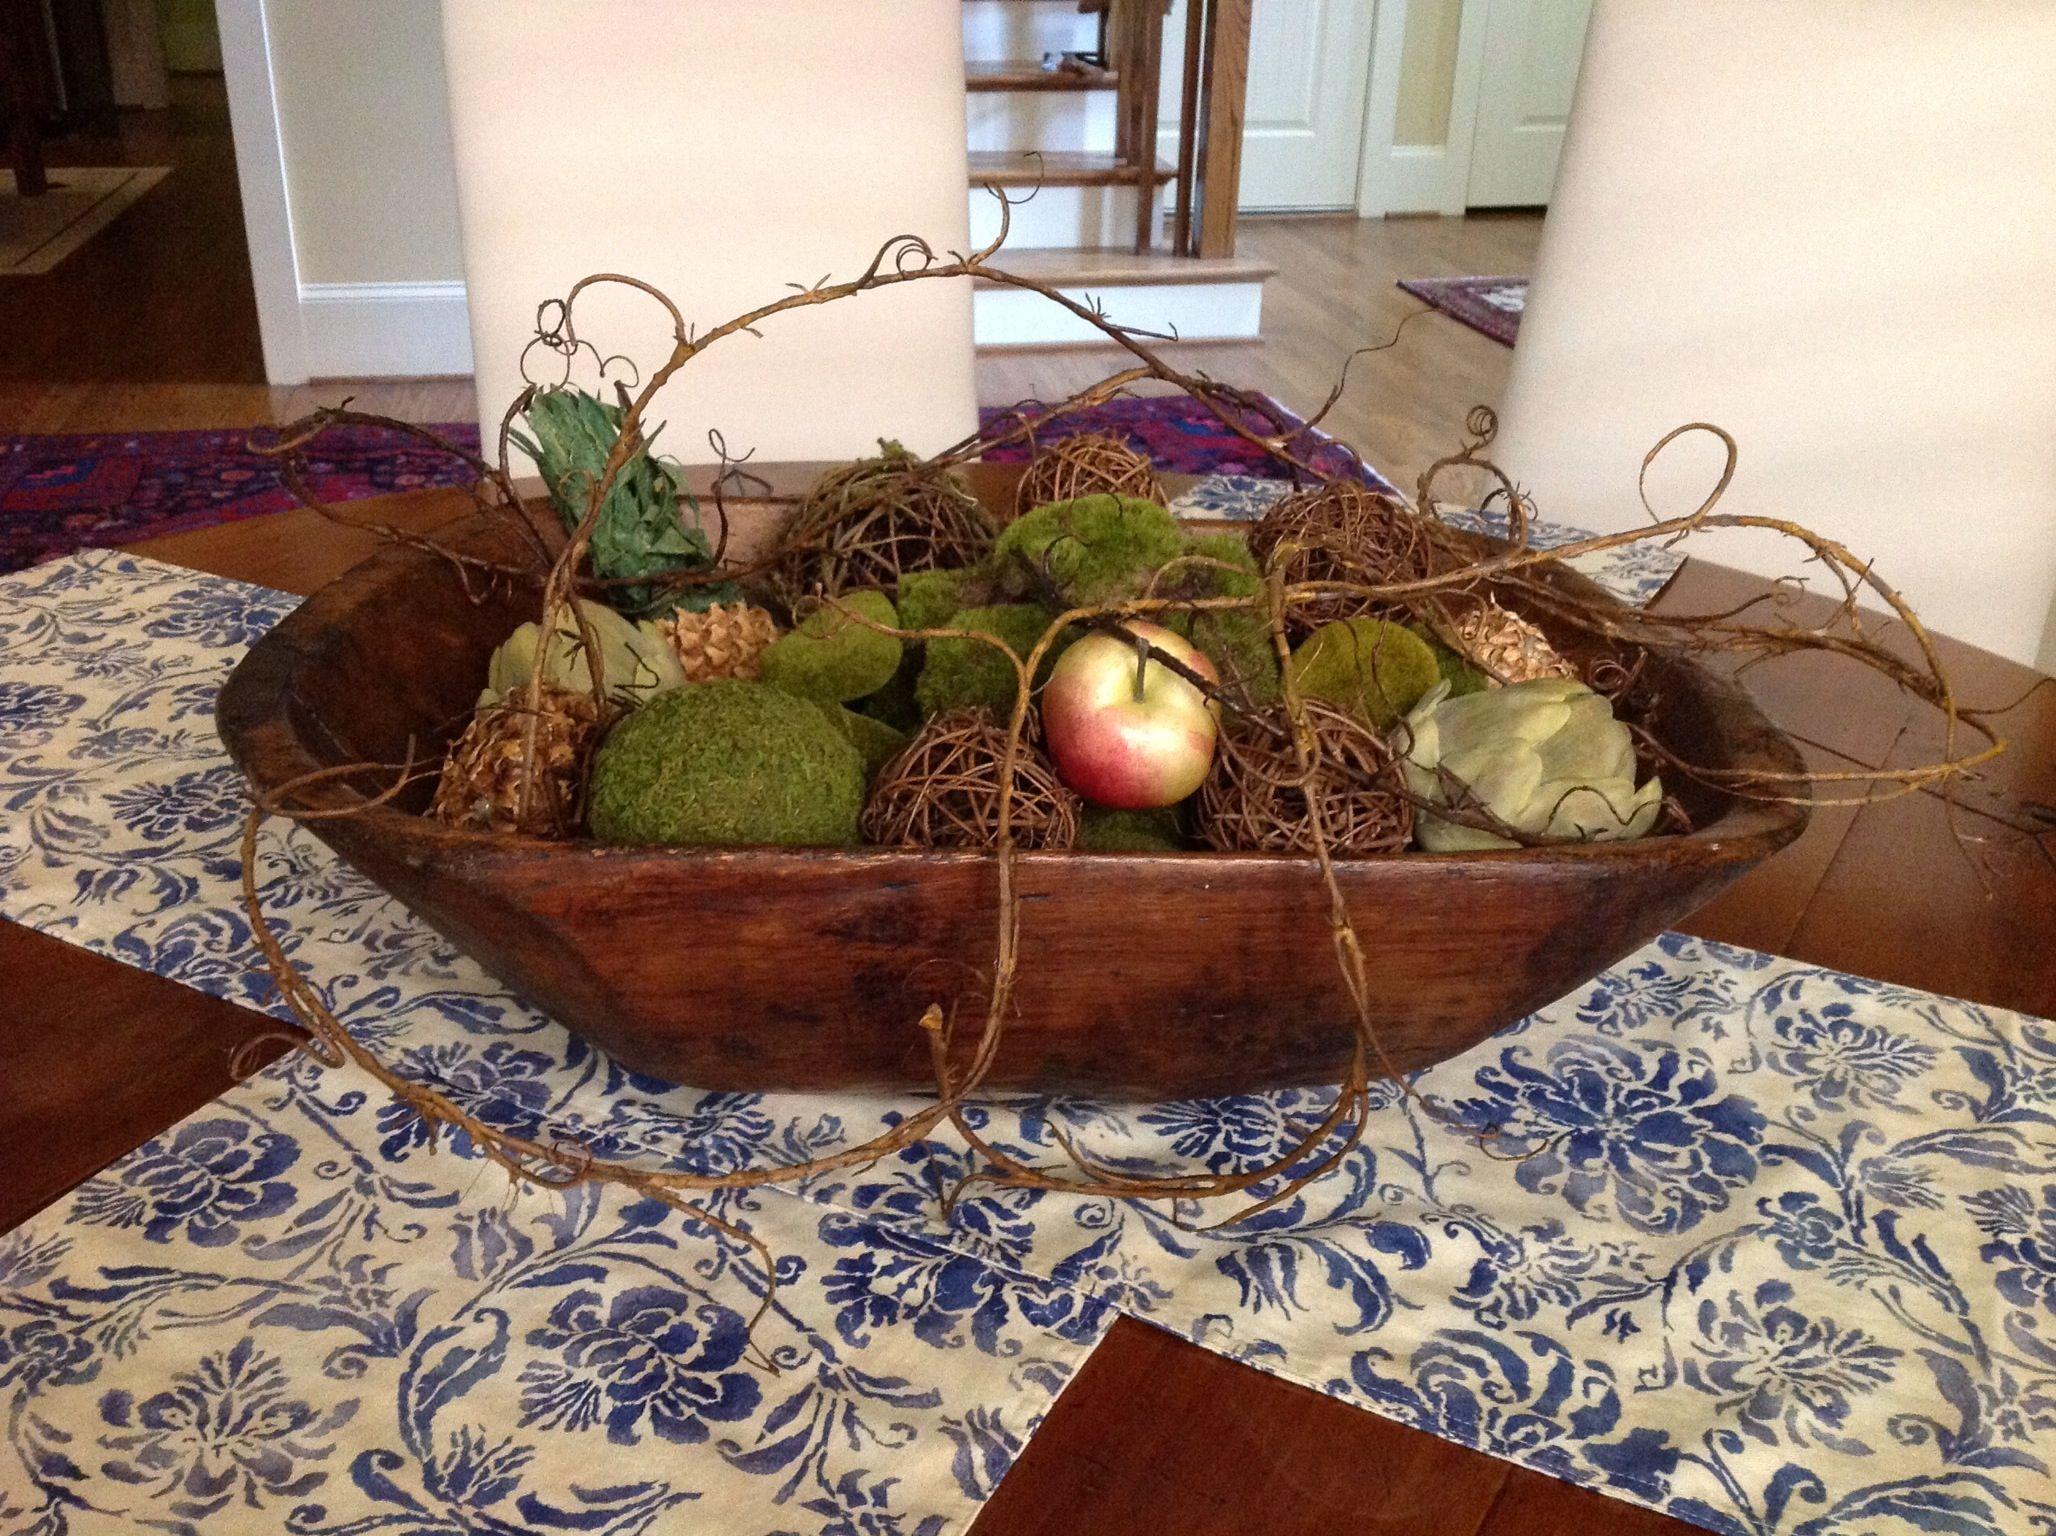 Large Wooden Dough Bowl Wooden Bowls Decor Dough Bowl